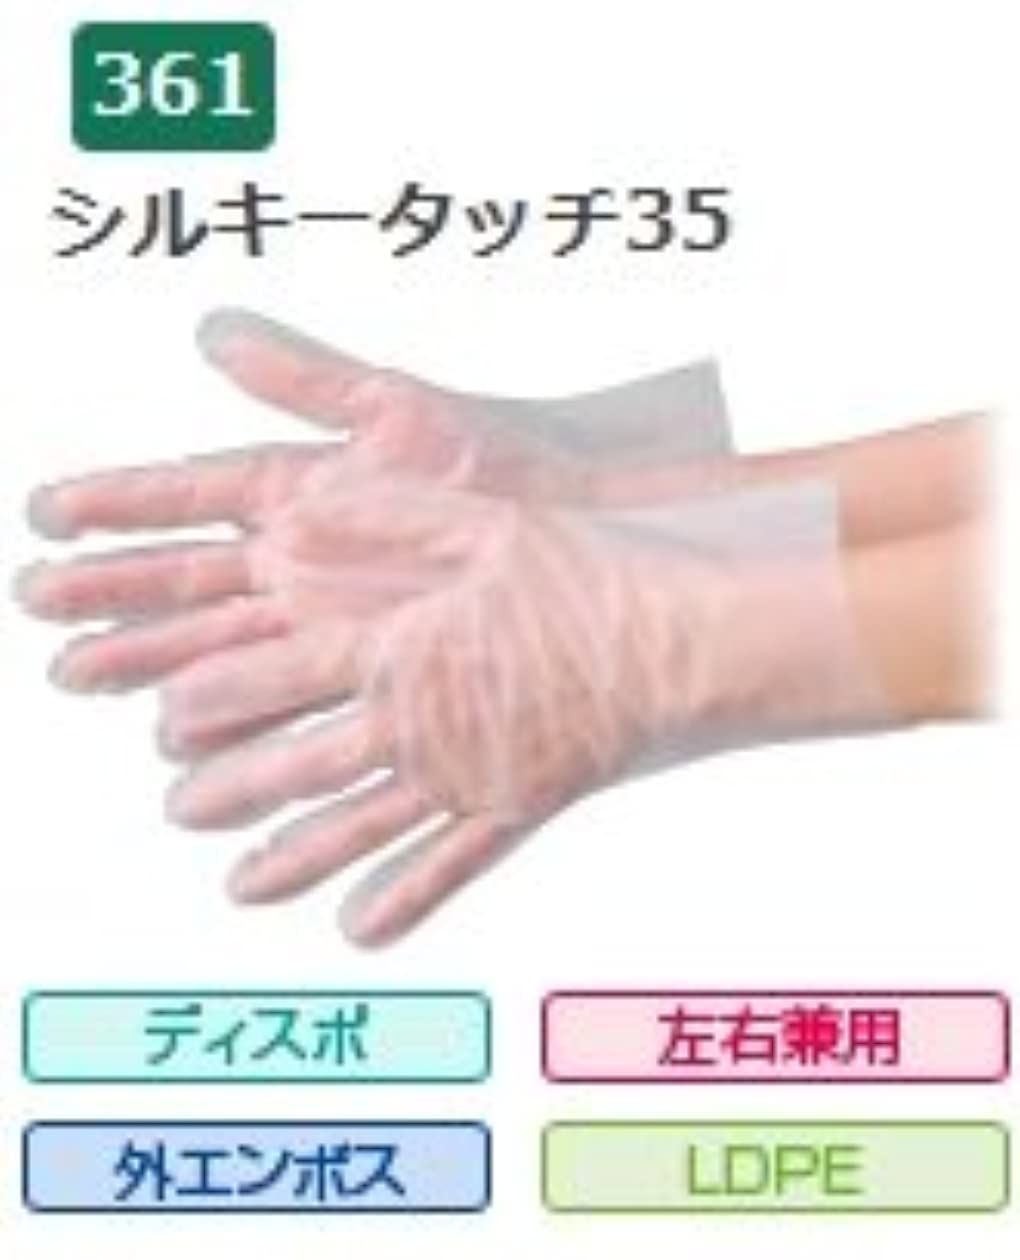 迷彩信念忘れっぽいエブノ ポリエチレン手袋 No.361 LL 半透明 (100枚×50箱) シルキータッチ35 箱入